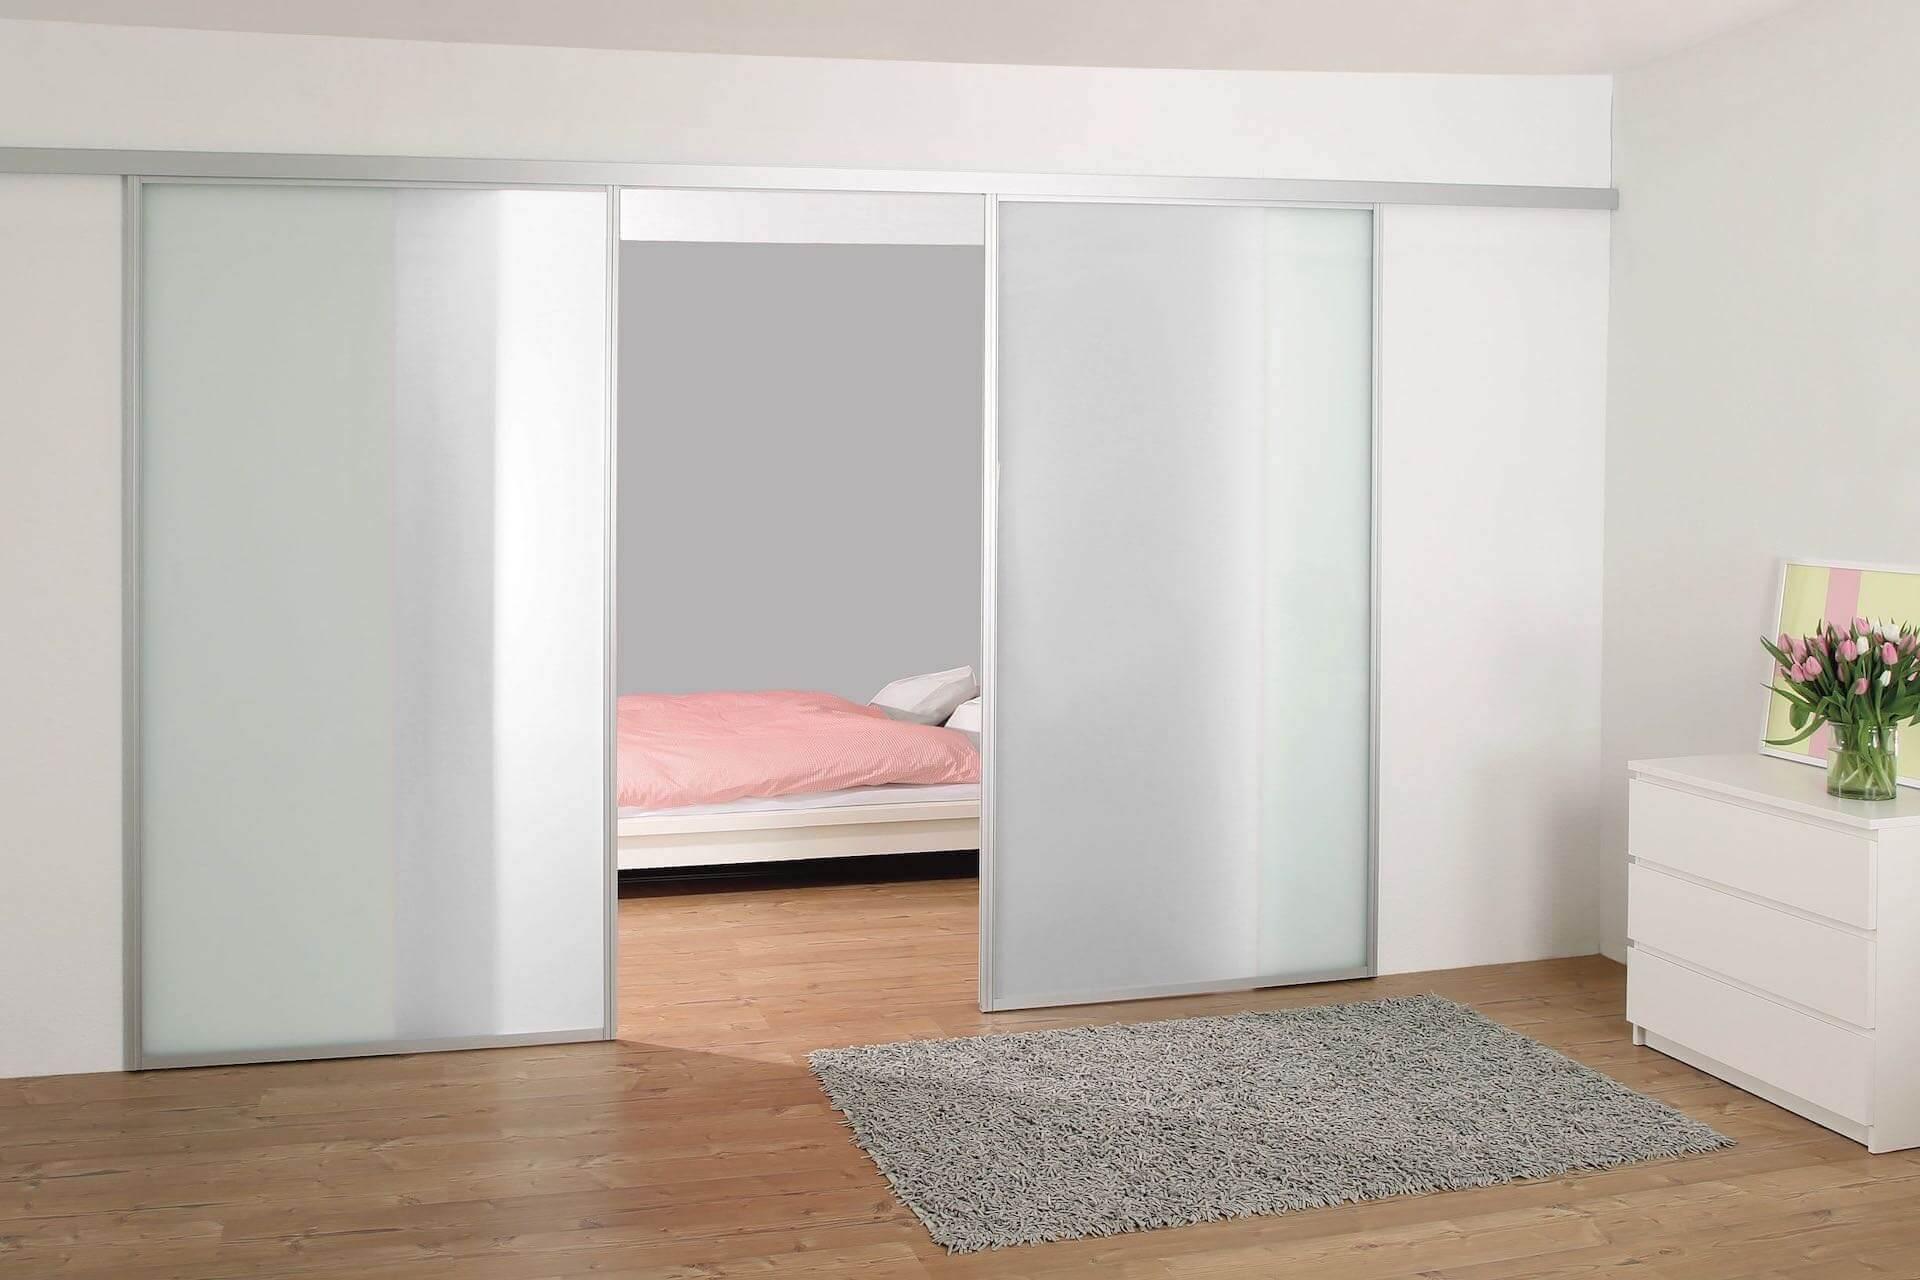 Durchgangsschiebetür Glasschiebetür Schlafzimmer mit Aluminiumrahmen